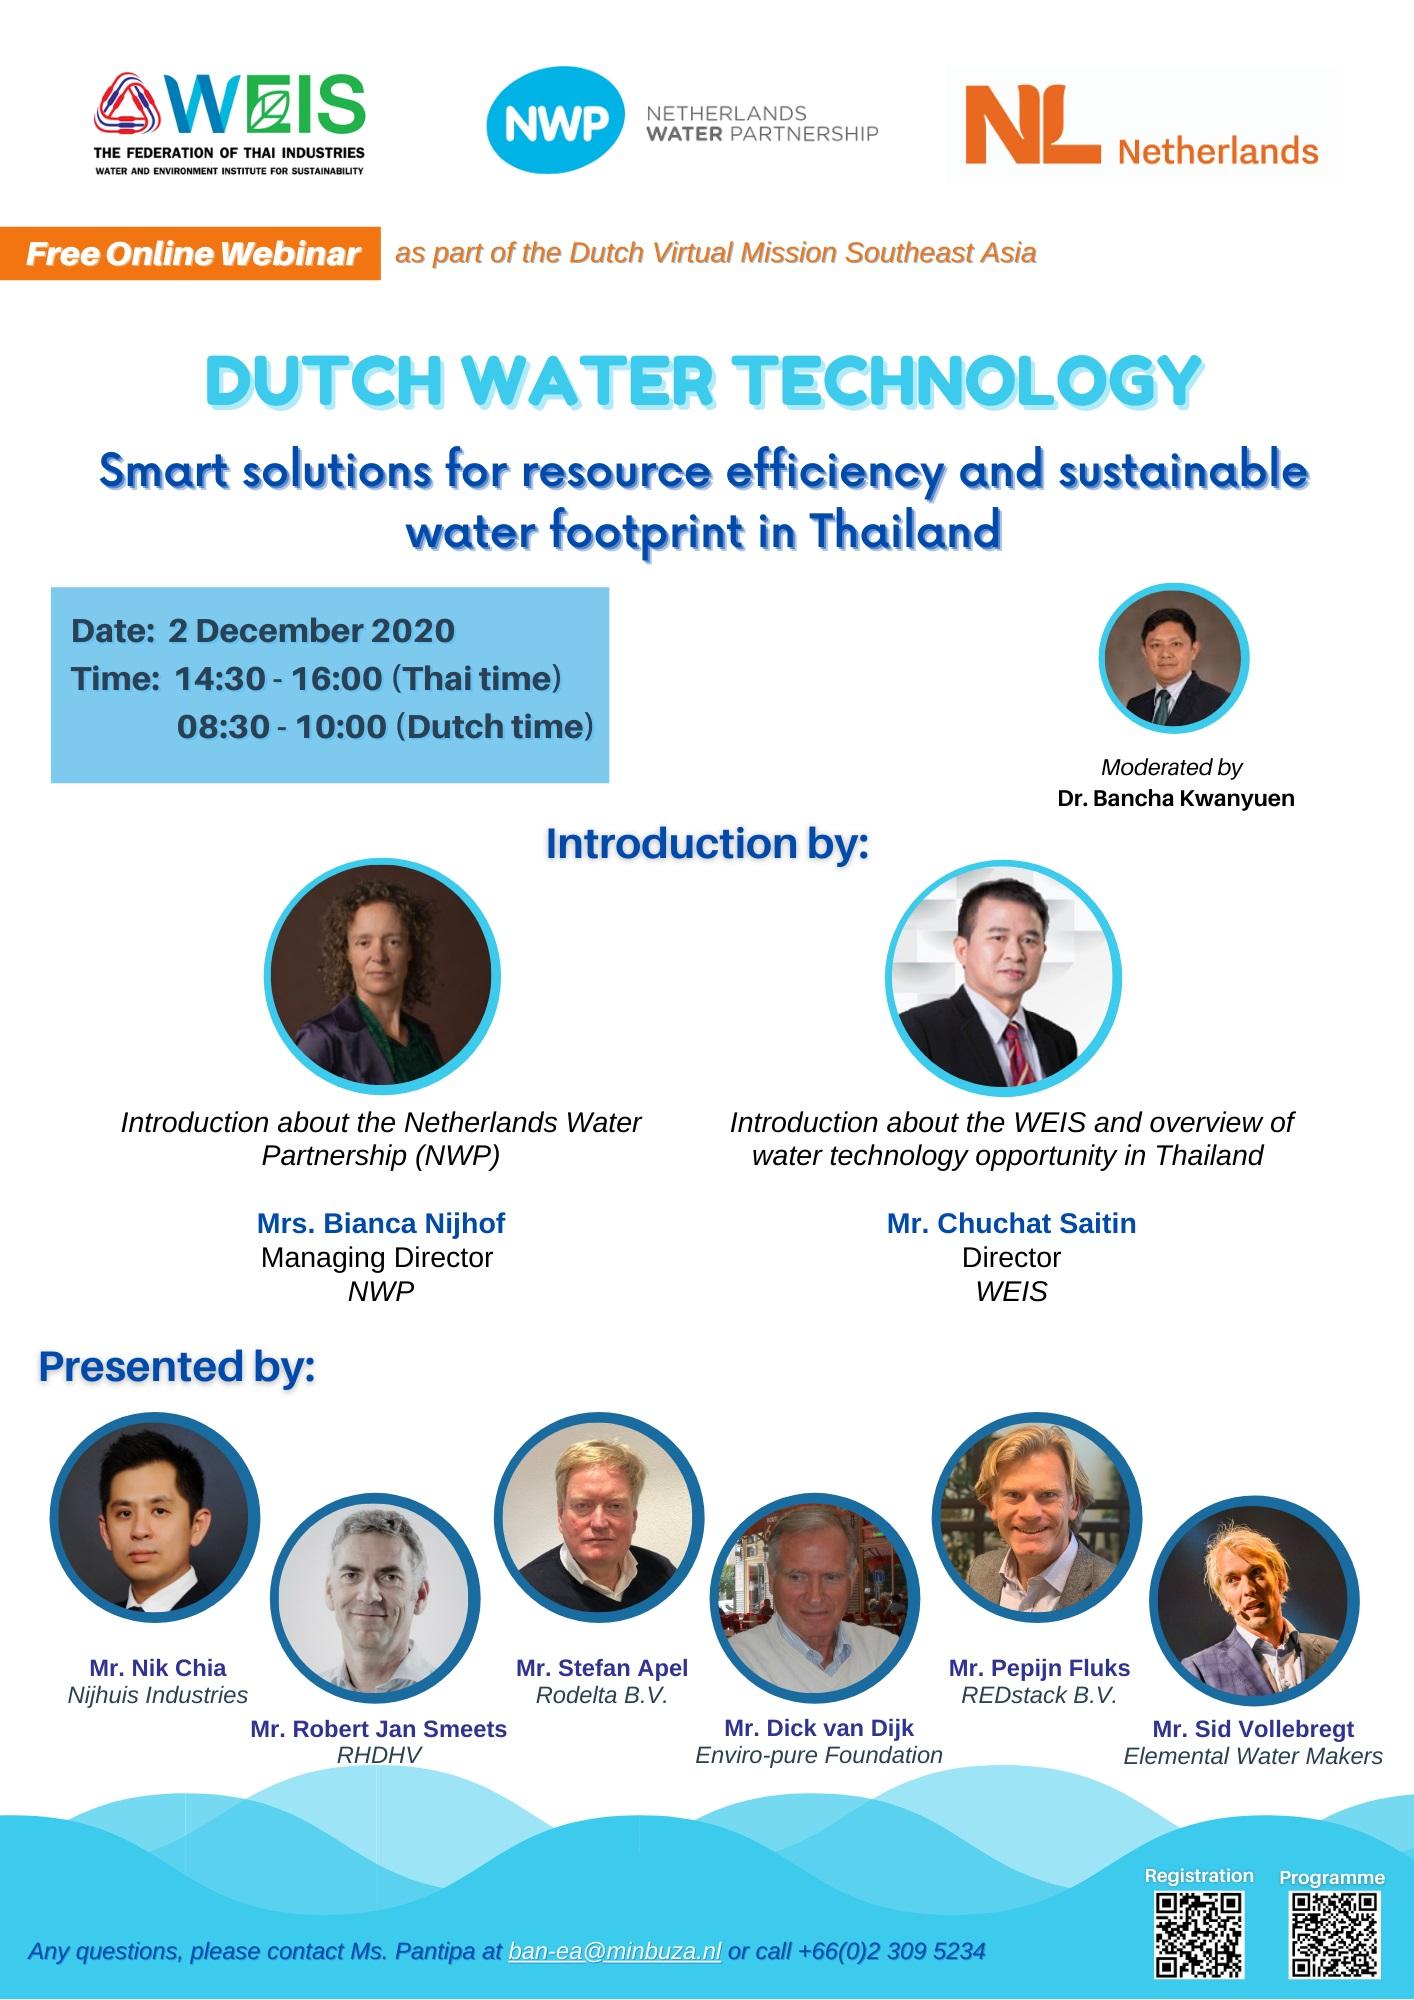 เชิญชวนเข้าร่วมกิจกรรมสัมมนาออนไลน์เทคโนโลยีบริหารจัดการน้ำจากประเทศเนเธอร์แลนด์ ในวันที่ 2 ธันวาคม 2563 เวลา 14.30 – 16.00 น.